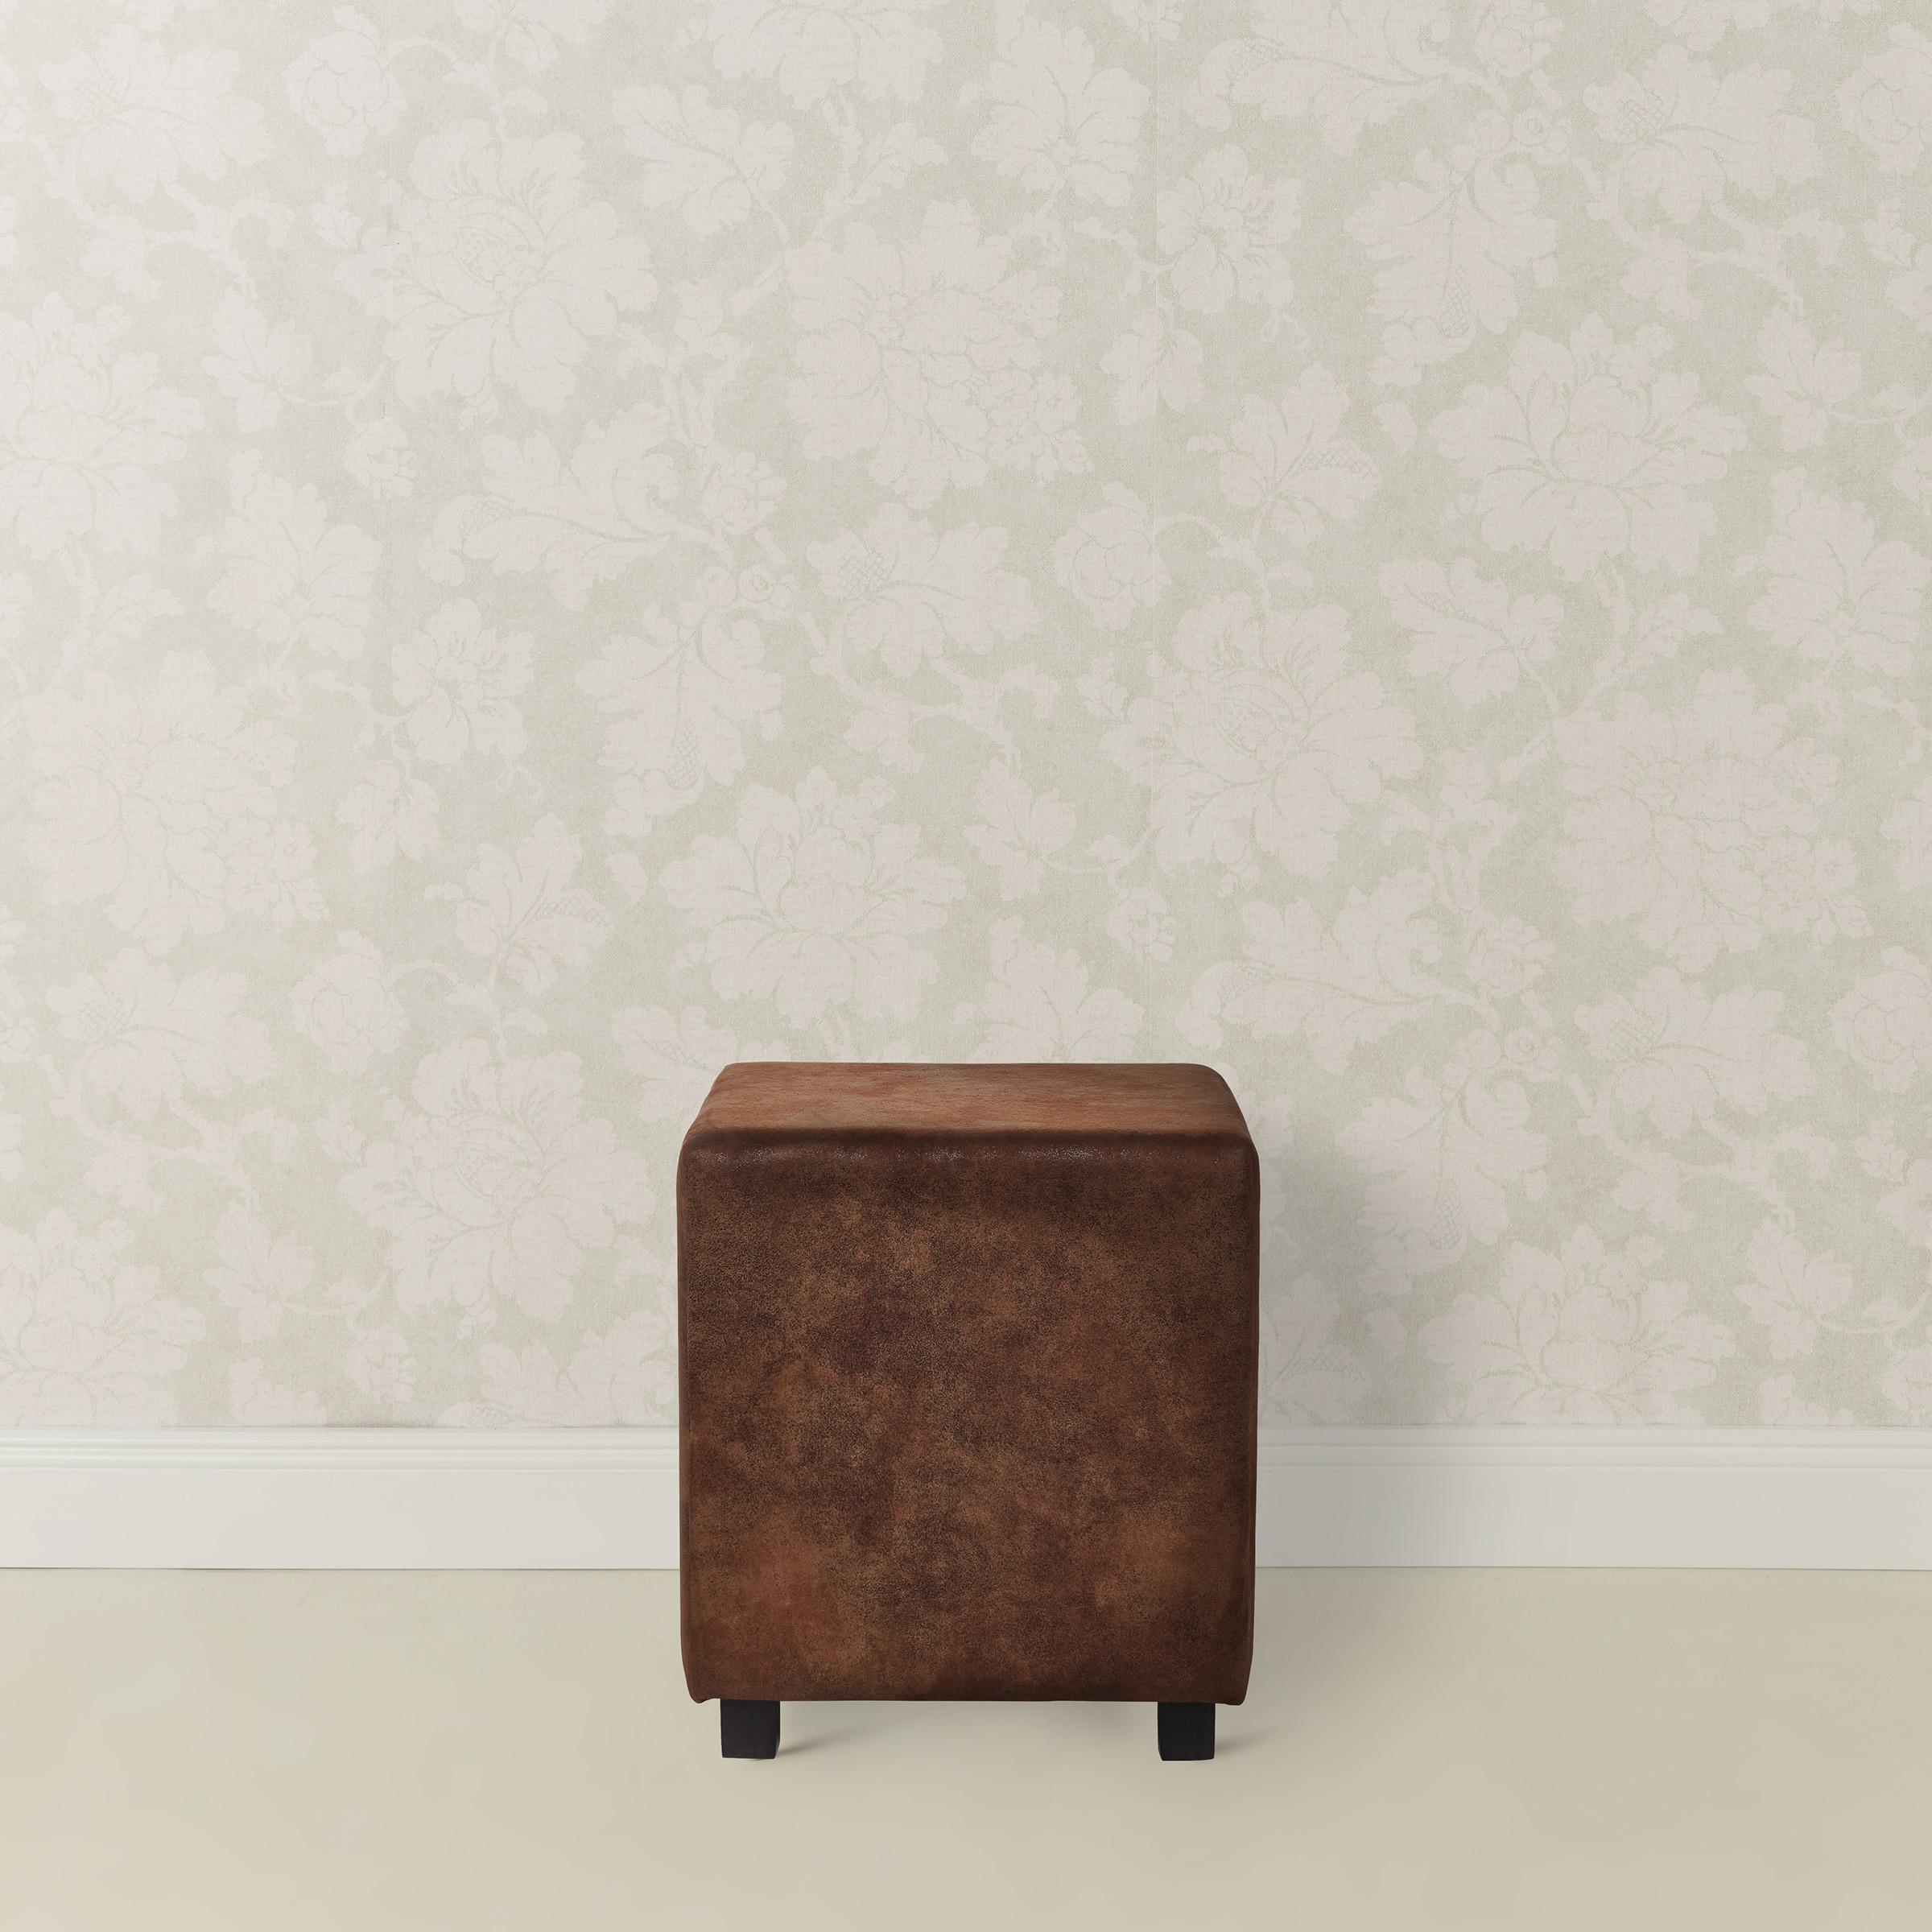 40 sparen pouf bebop von butlers nur 29 99 cherry m bel butlers. Black Bedroom Furniture Sets. Home Design Ideas